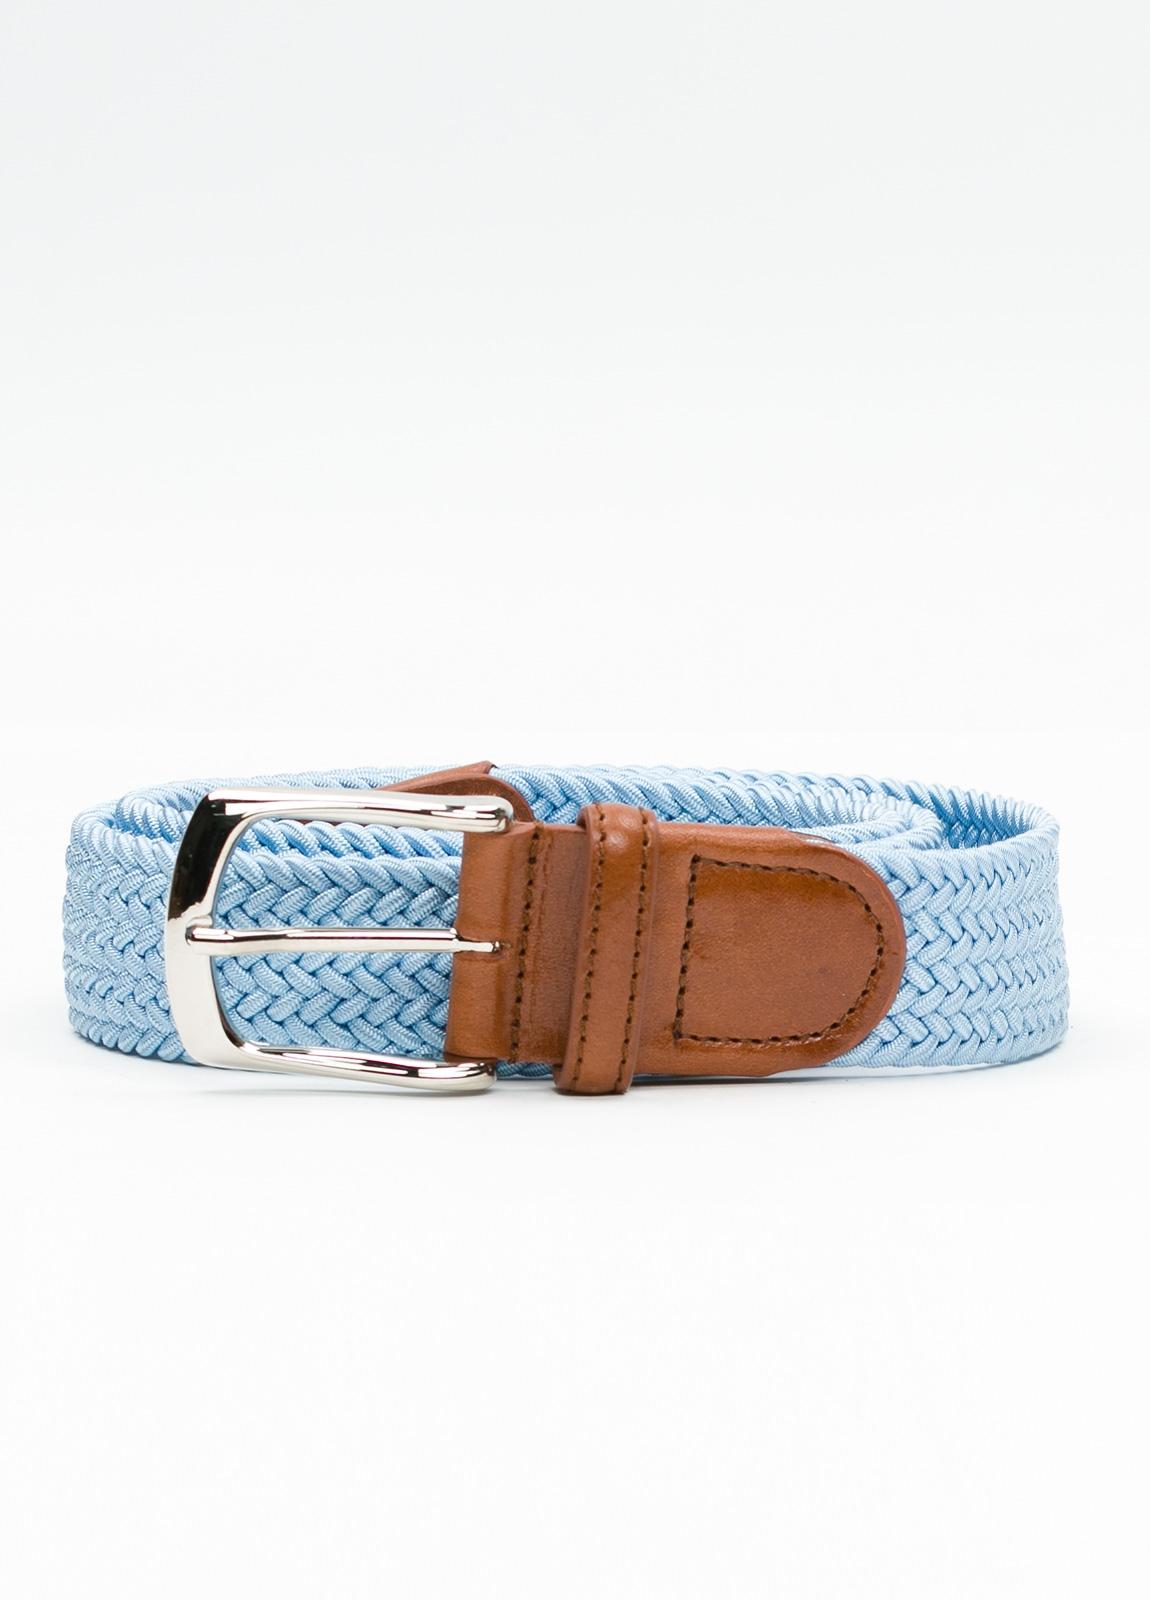 Cinturón Sport trenzado color celeste. 100% Rayón.